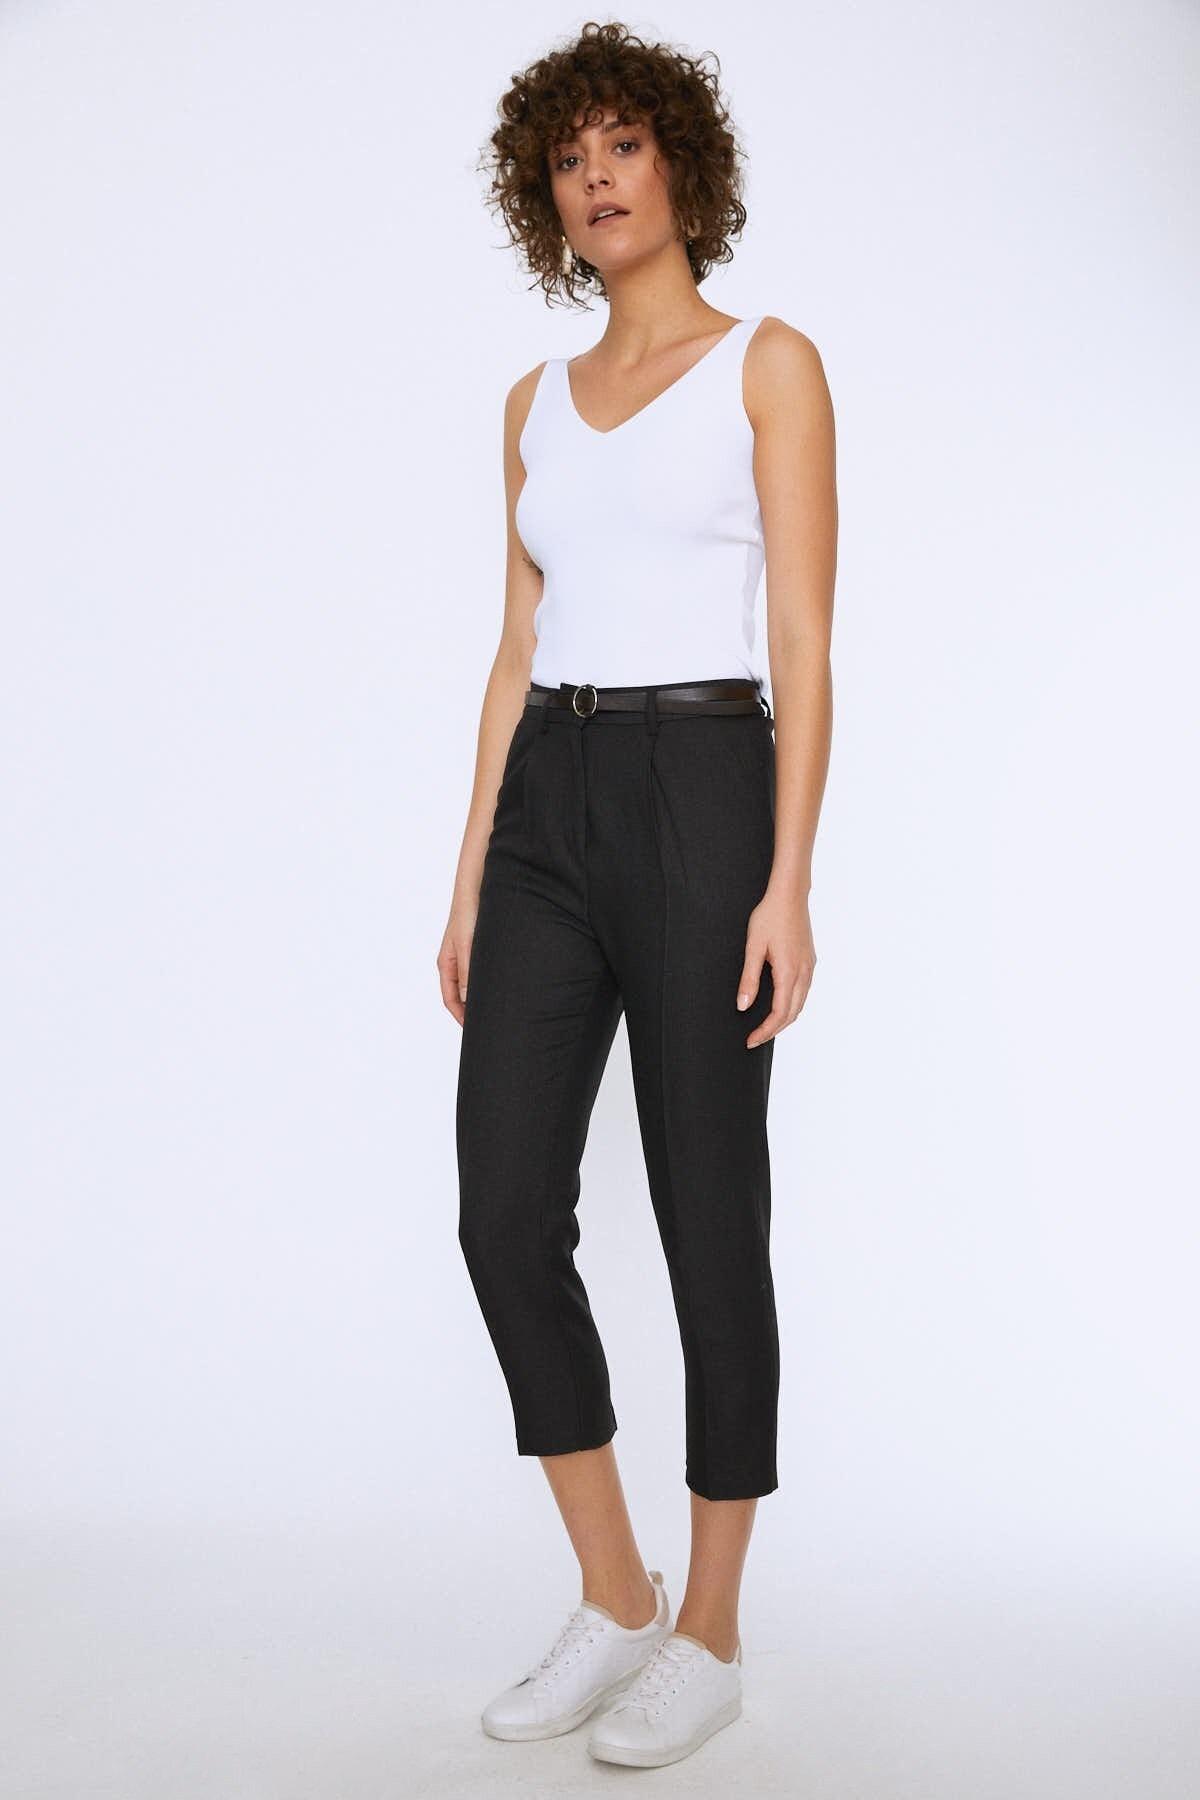 Quzu Kadın Yüksek Bel Kemerli Pantolon Siyah 20K70651-001 0